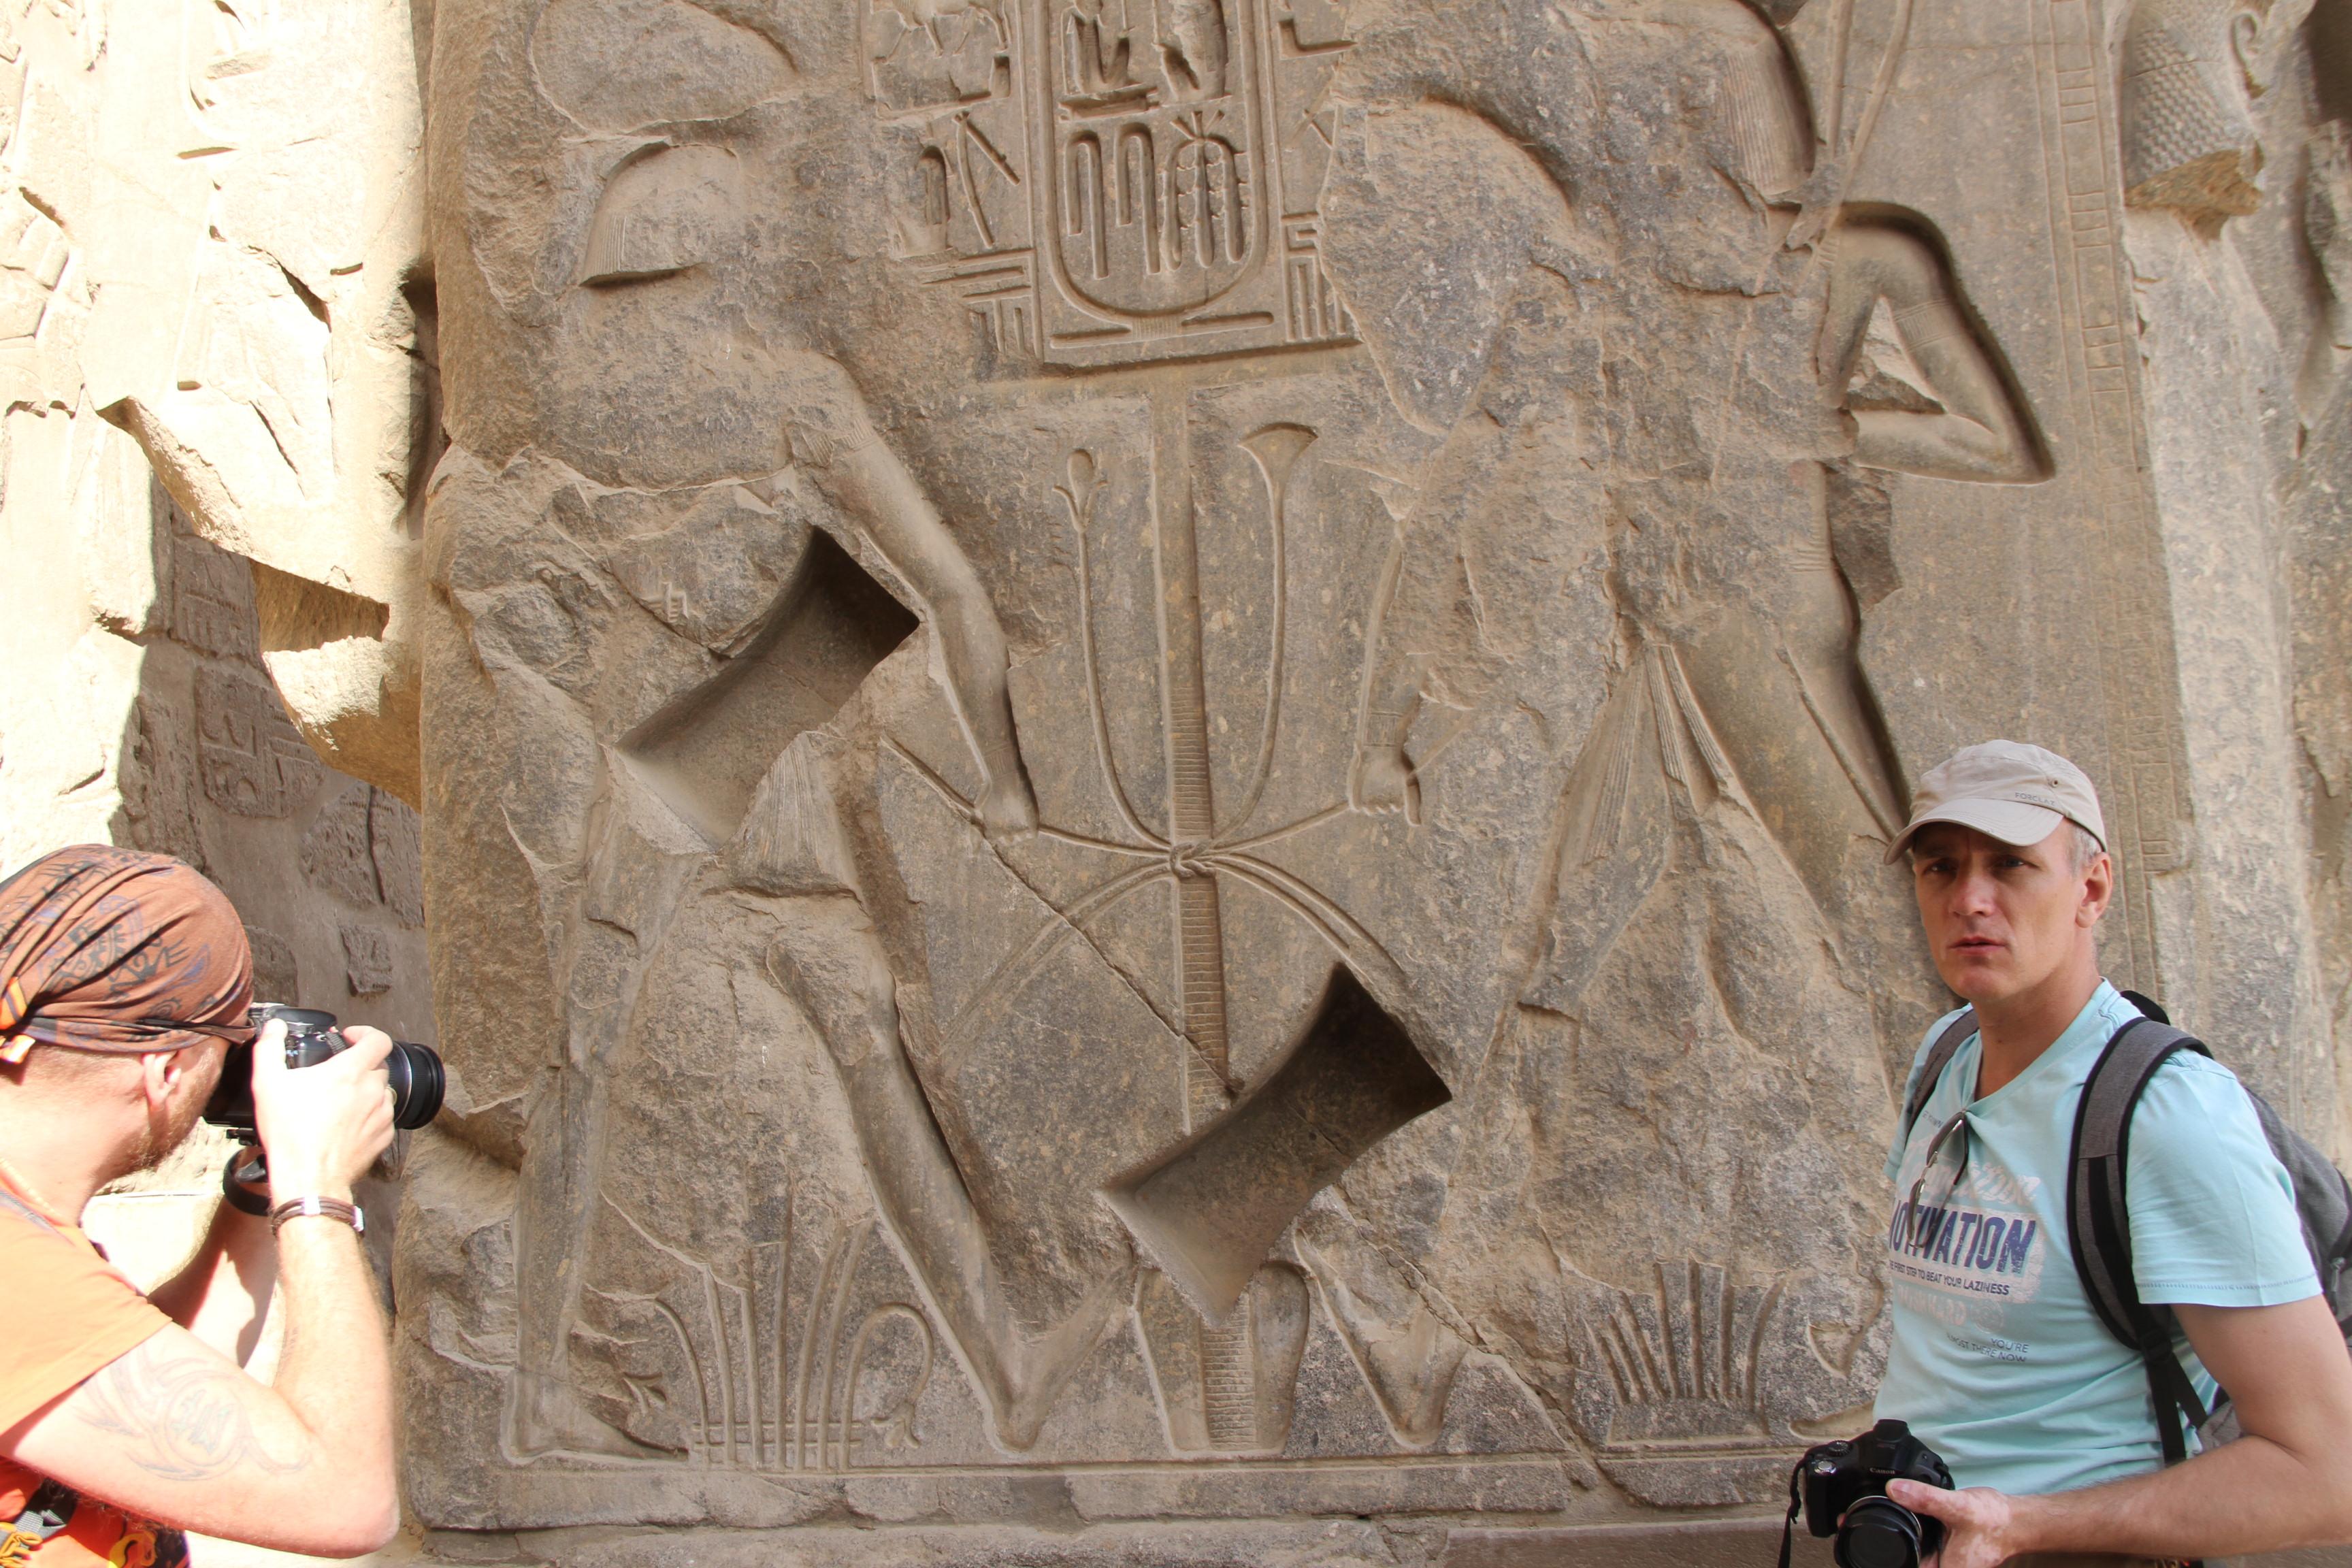 Выемки от ласточкиных хвостов восновании статуи Рамсеса II